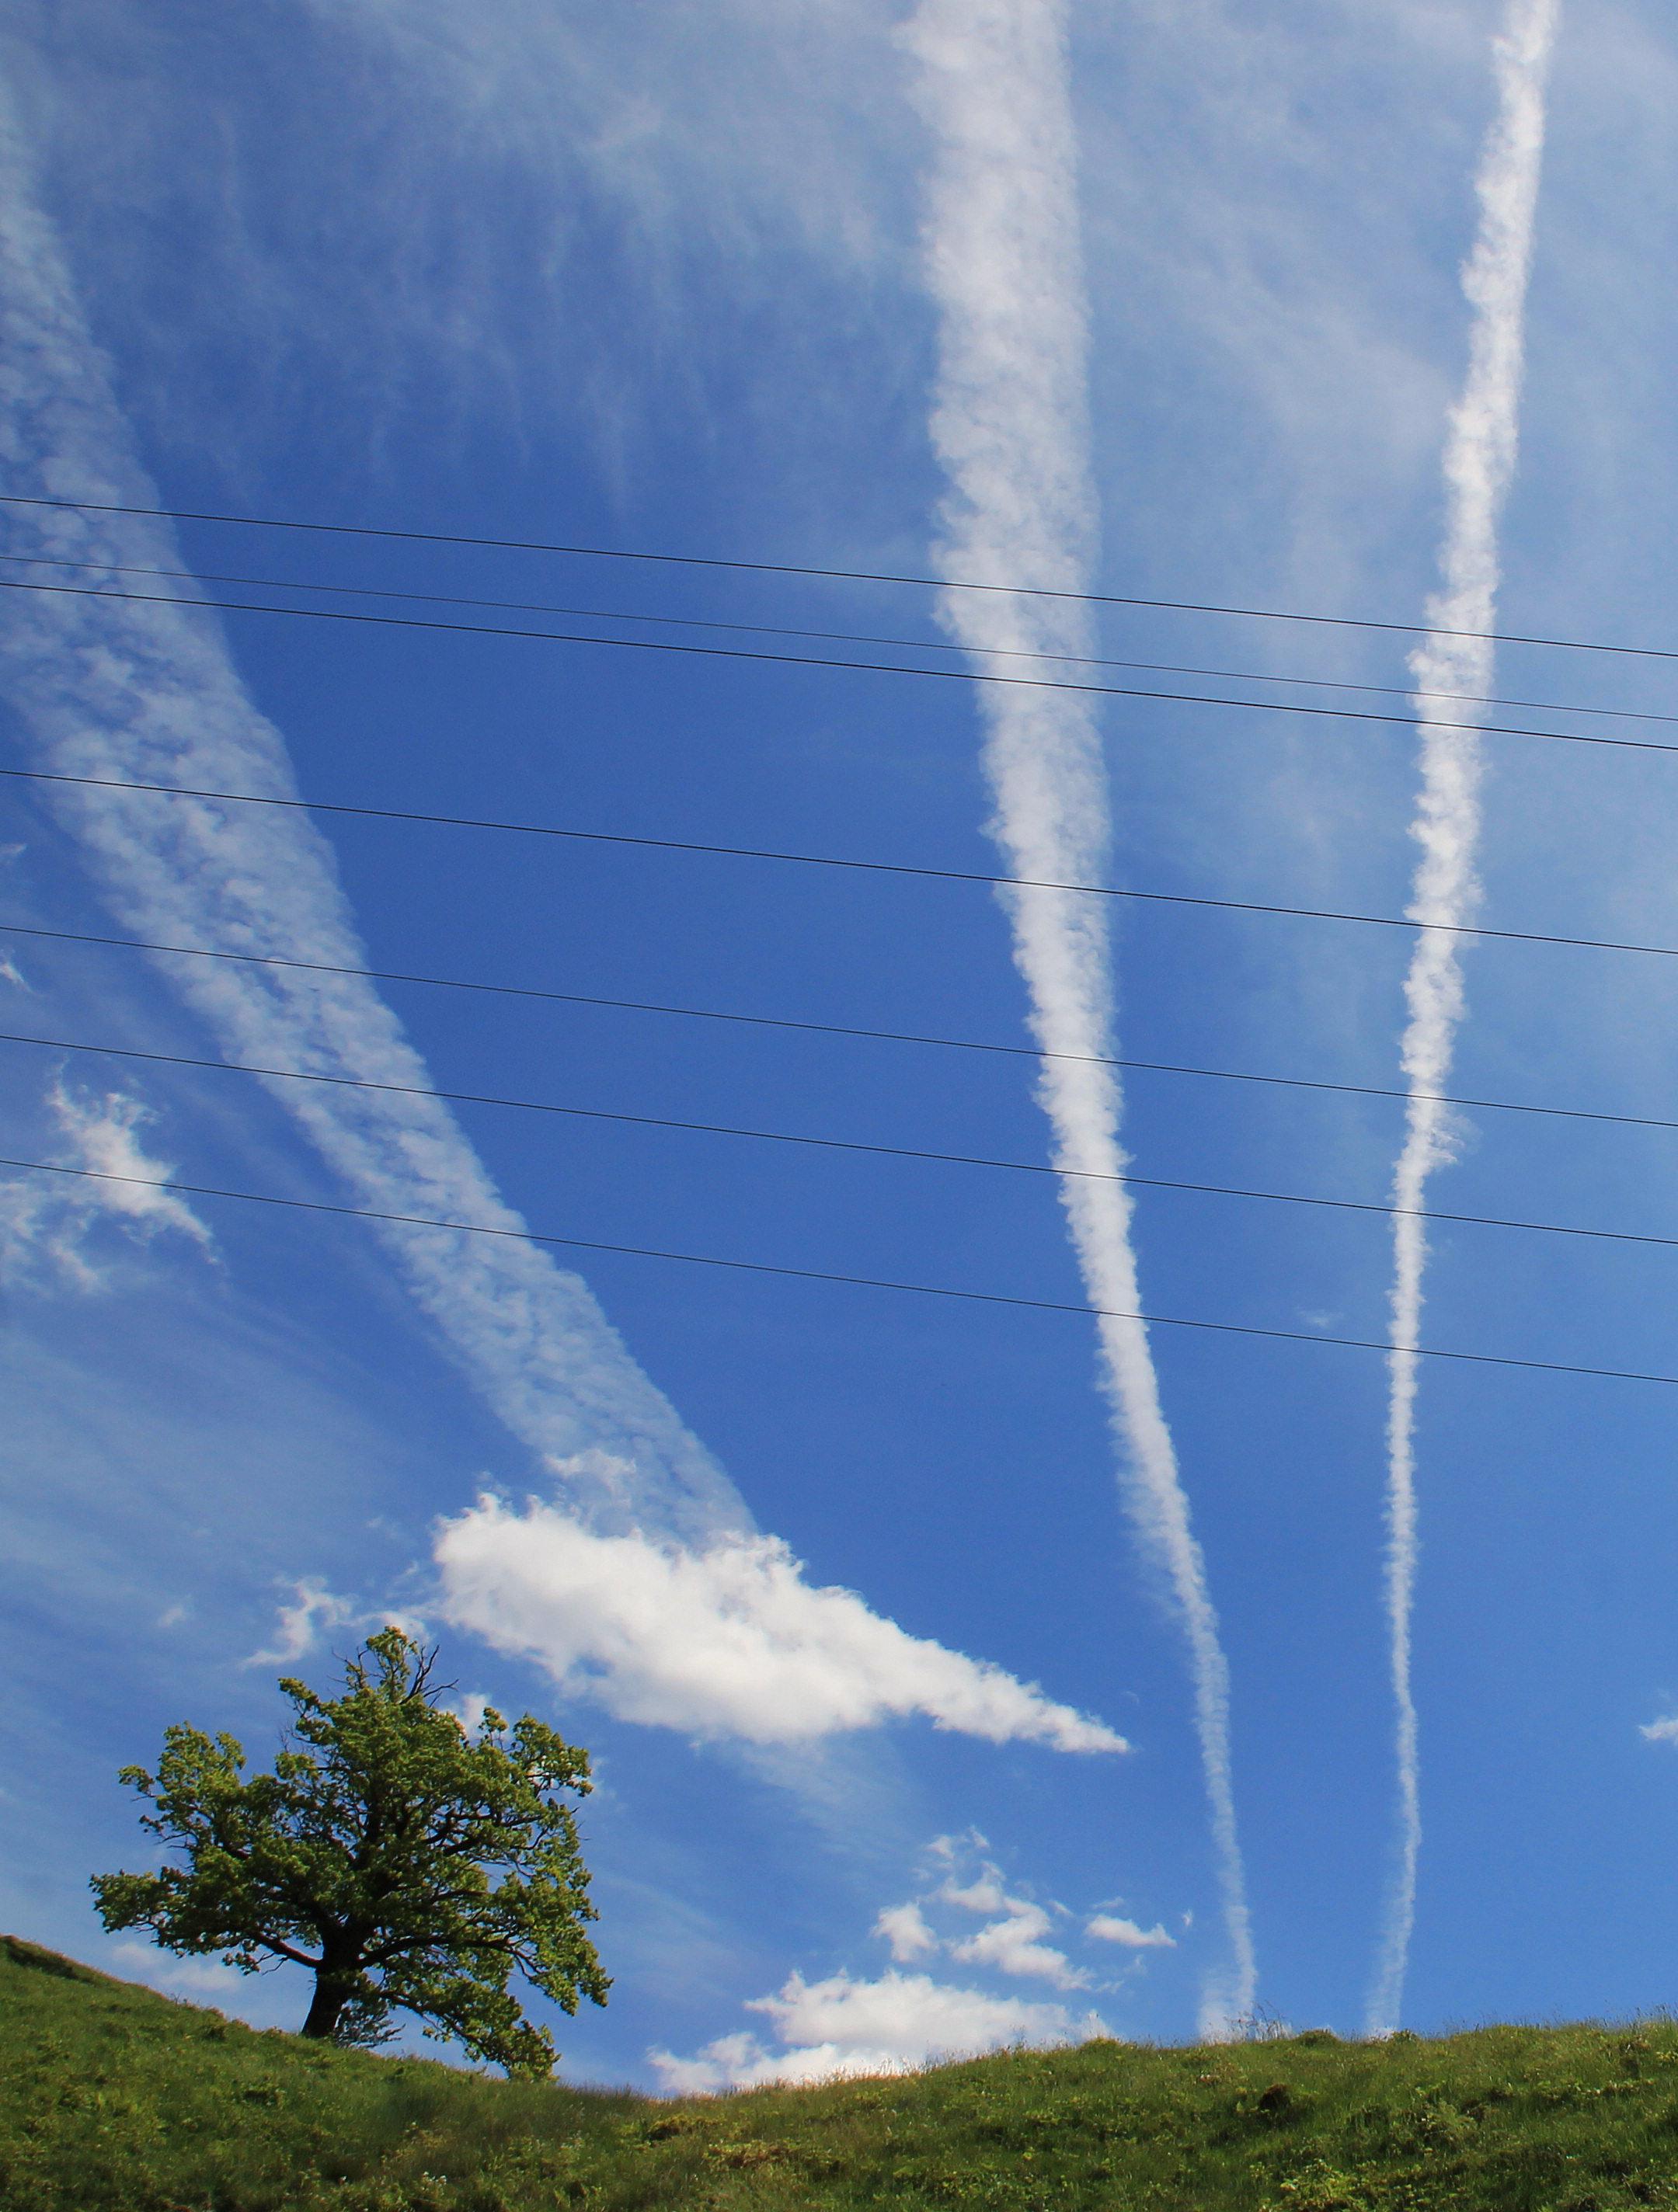 Chemtrails – Kondenswasser oder Giftstoffe zur Manipulation der Menschheit? Foto: Petra Dirscherl / pixelio.de